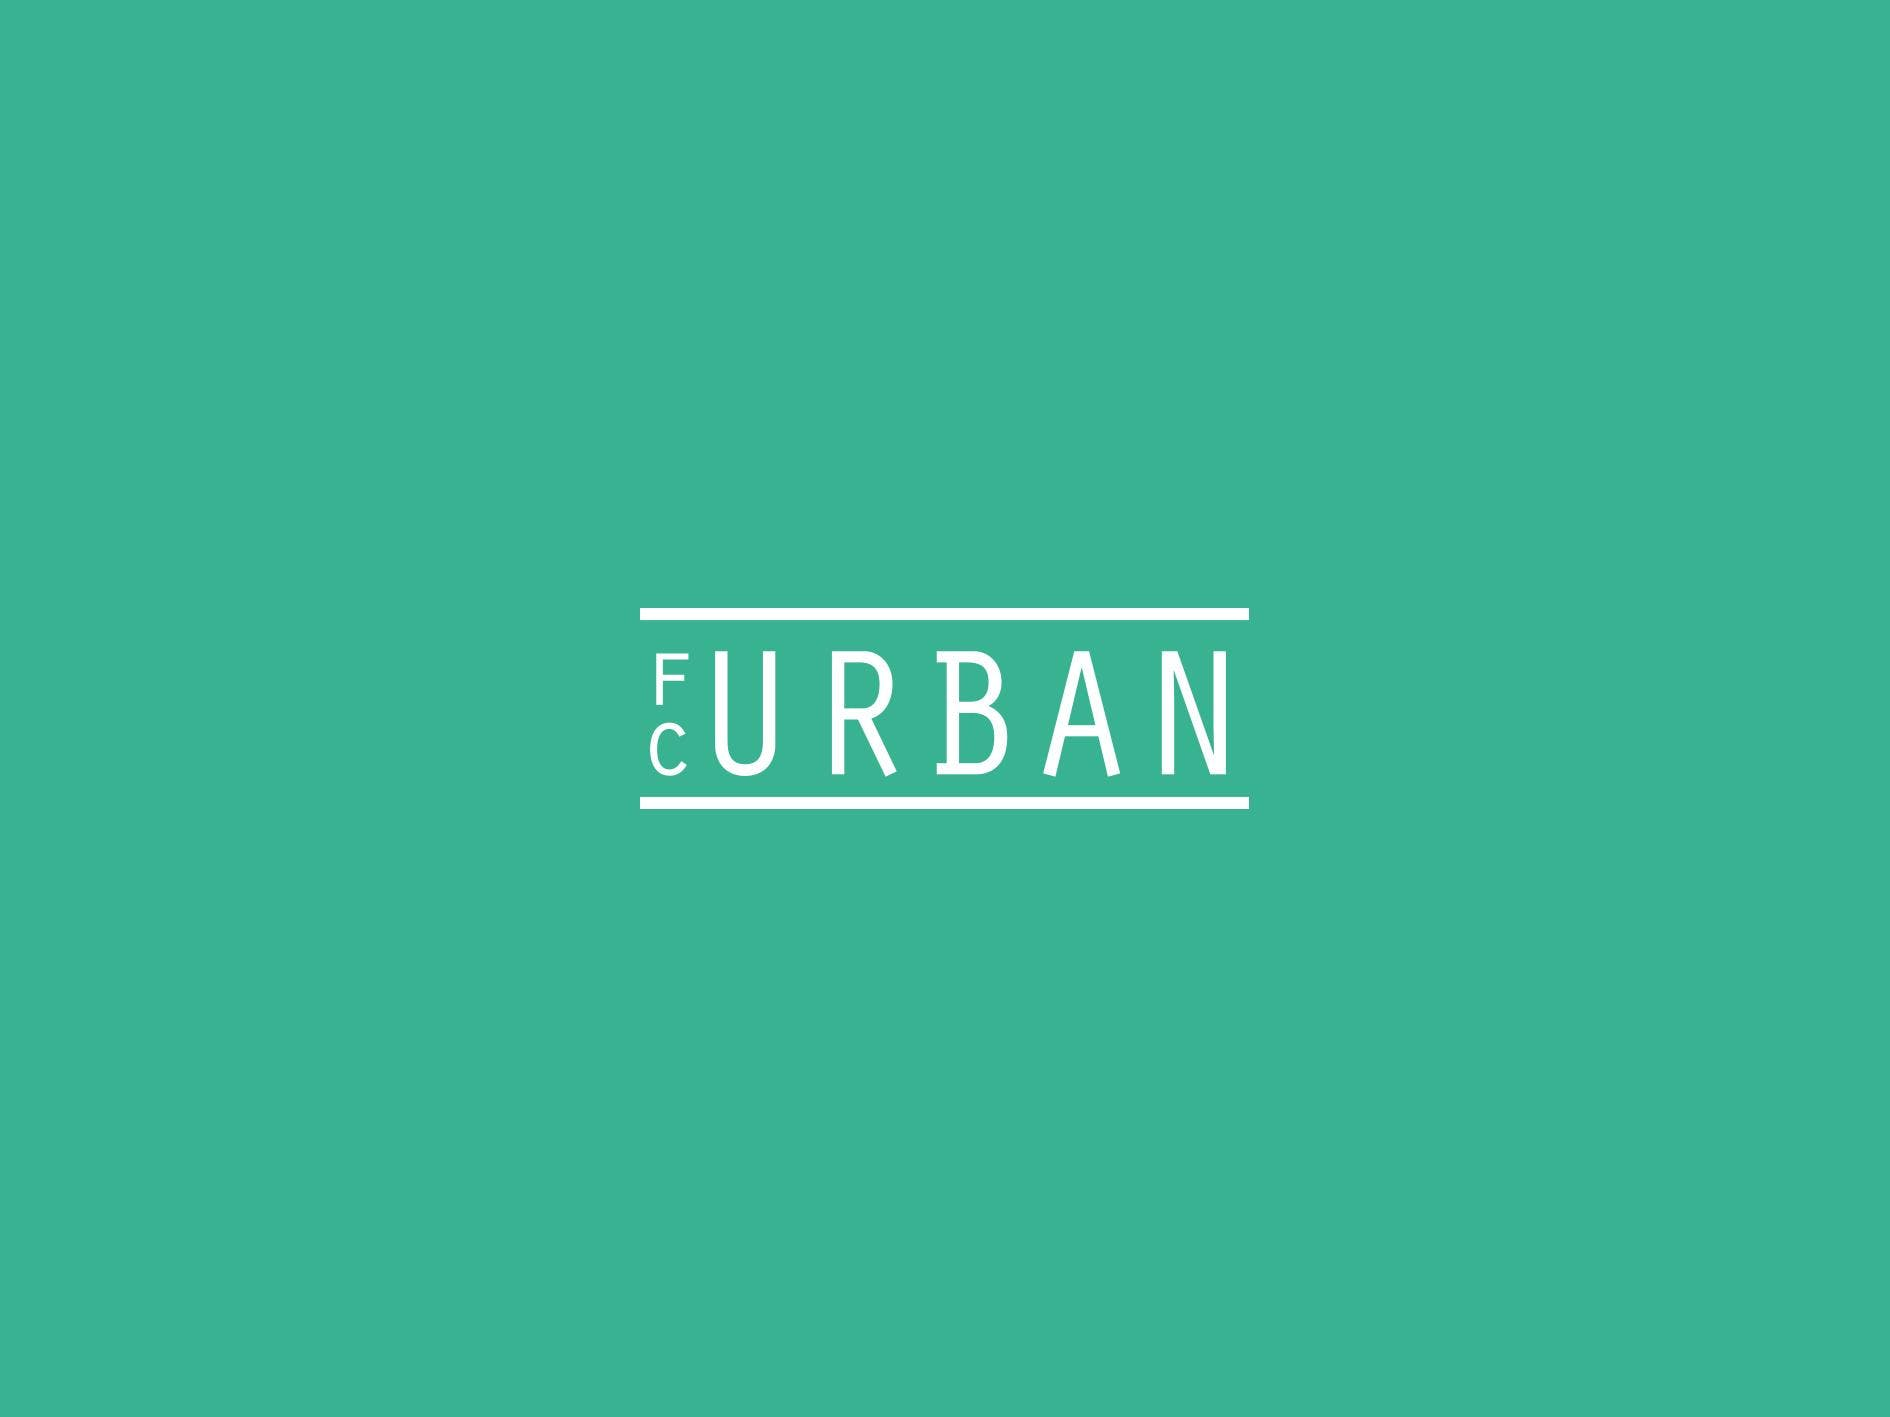 FC Urban Wo 27 Mrt Match 3